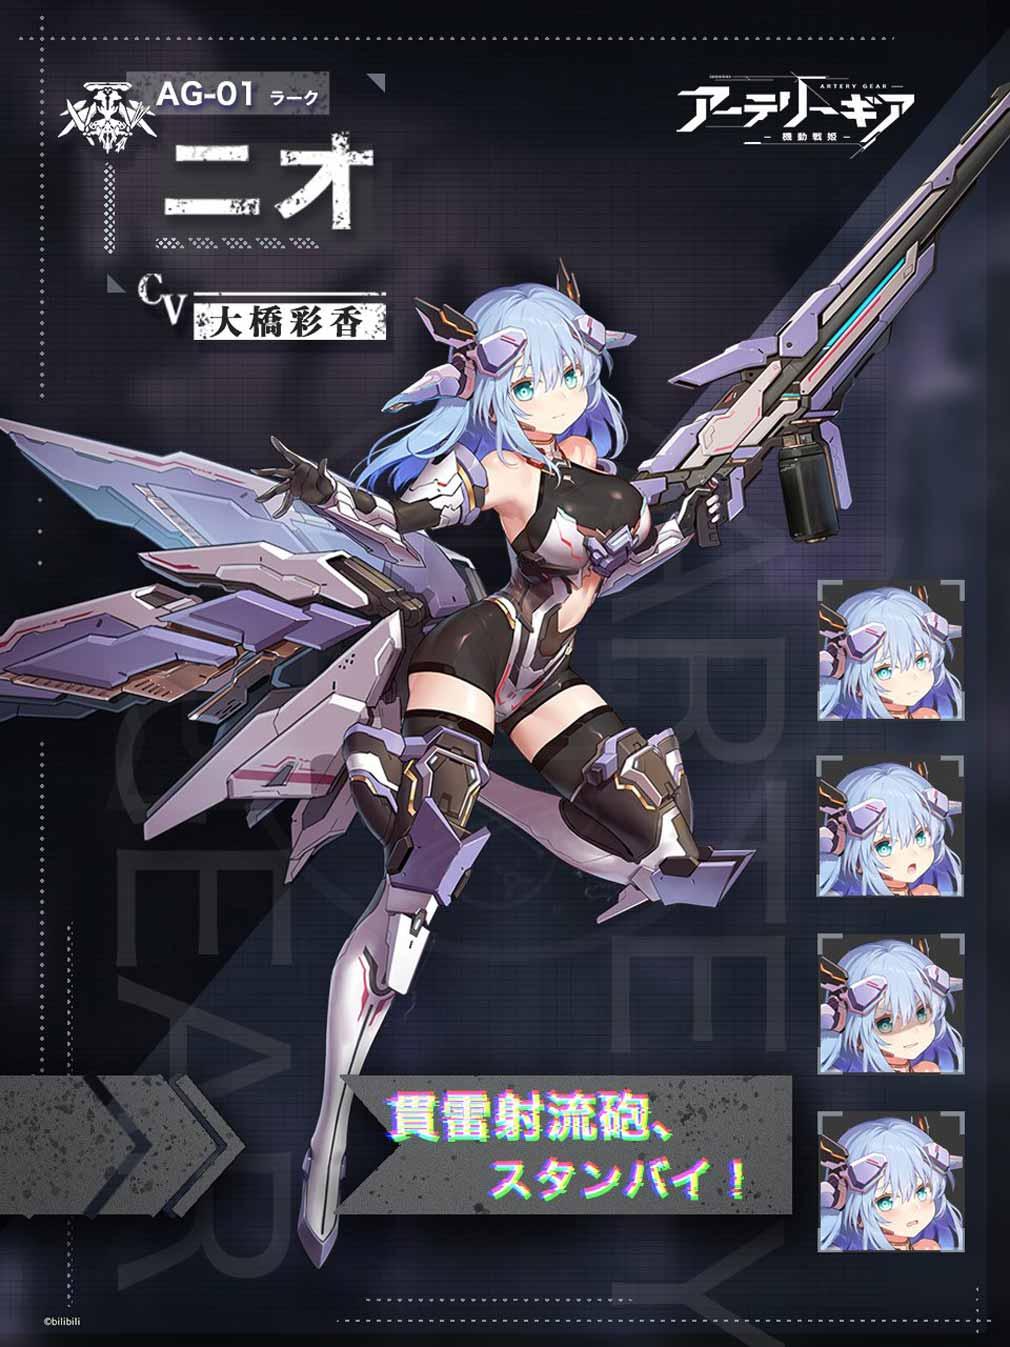 アーテリーギア 機動戦姫(アテギア) キャラクター『ニオ』紹介イメージ